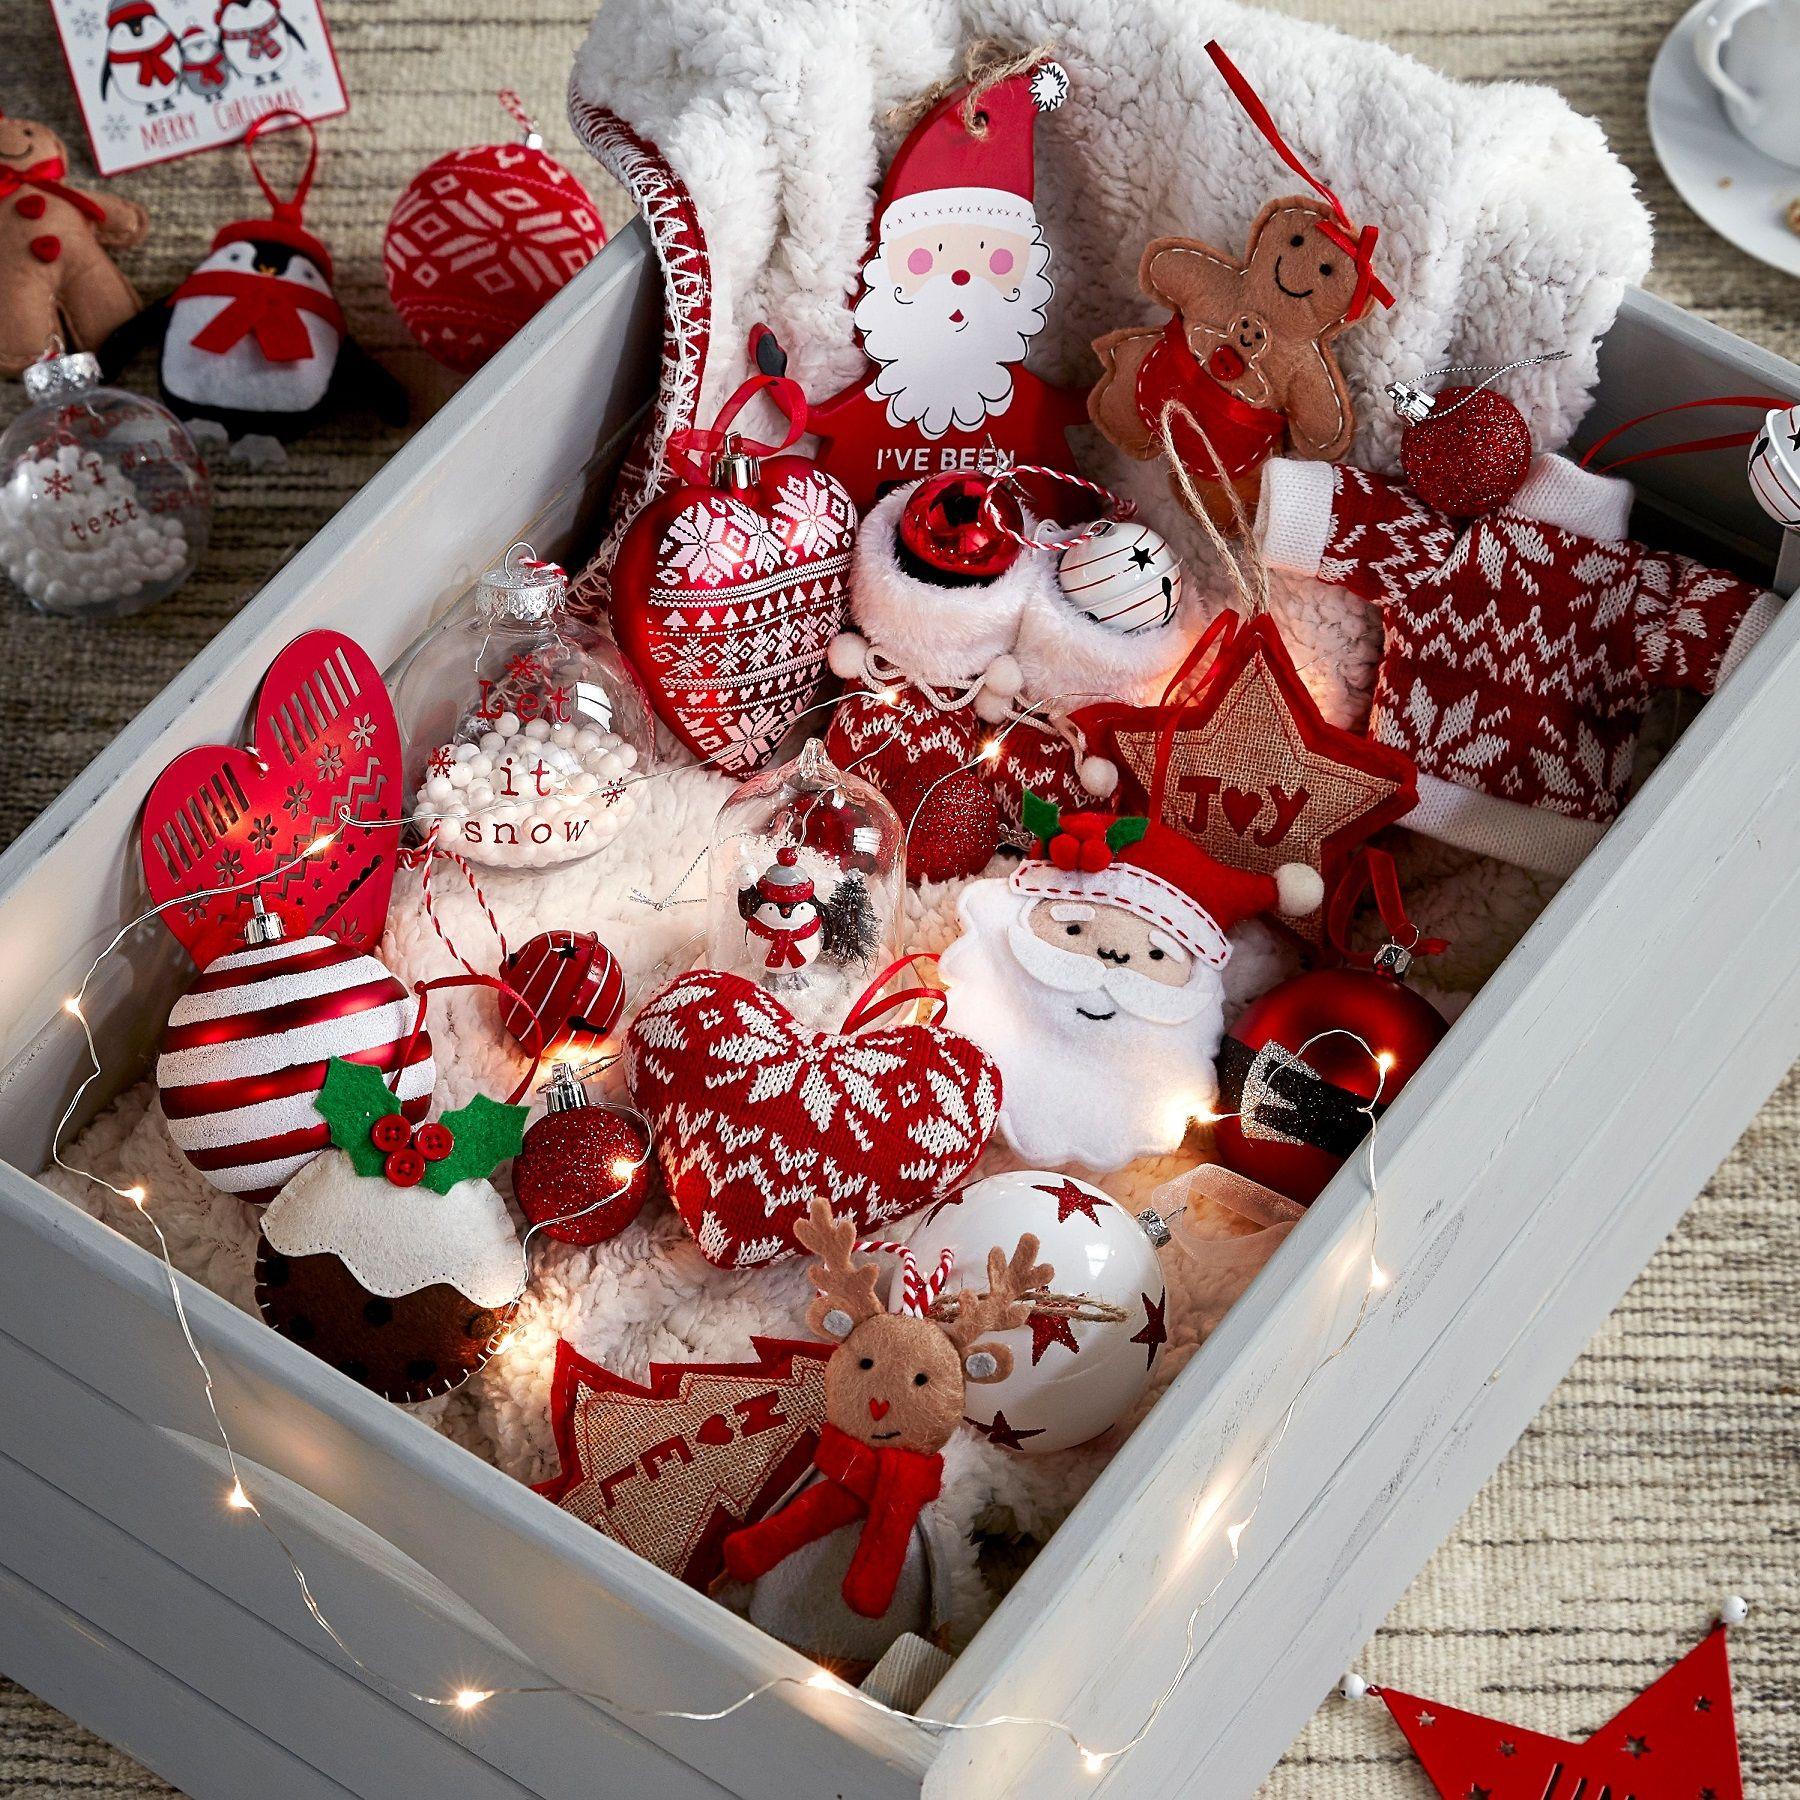 Palline e decorazioni di Natale, come farle con il dentifricio